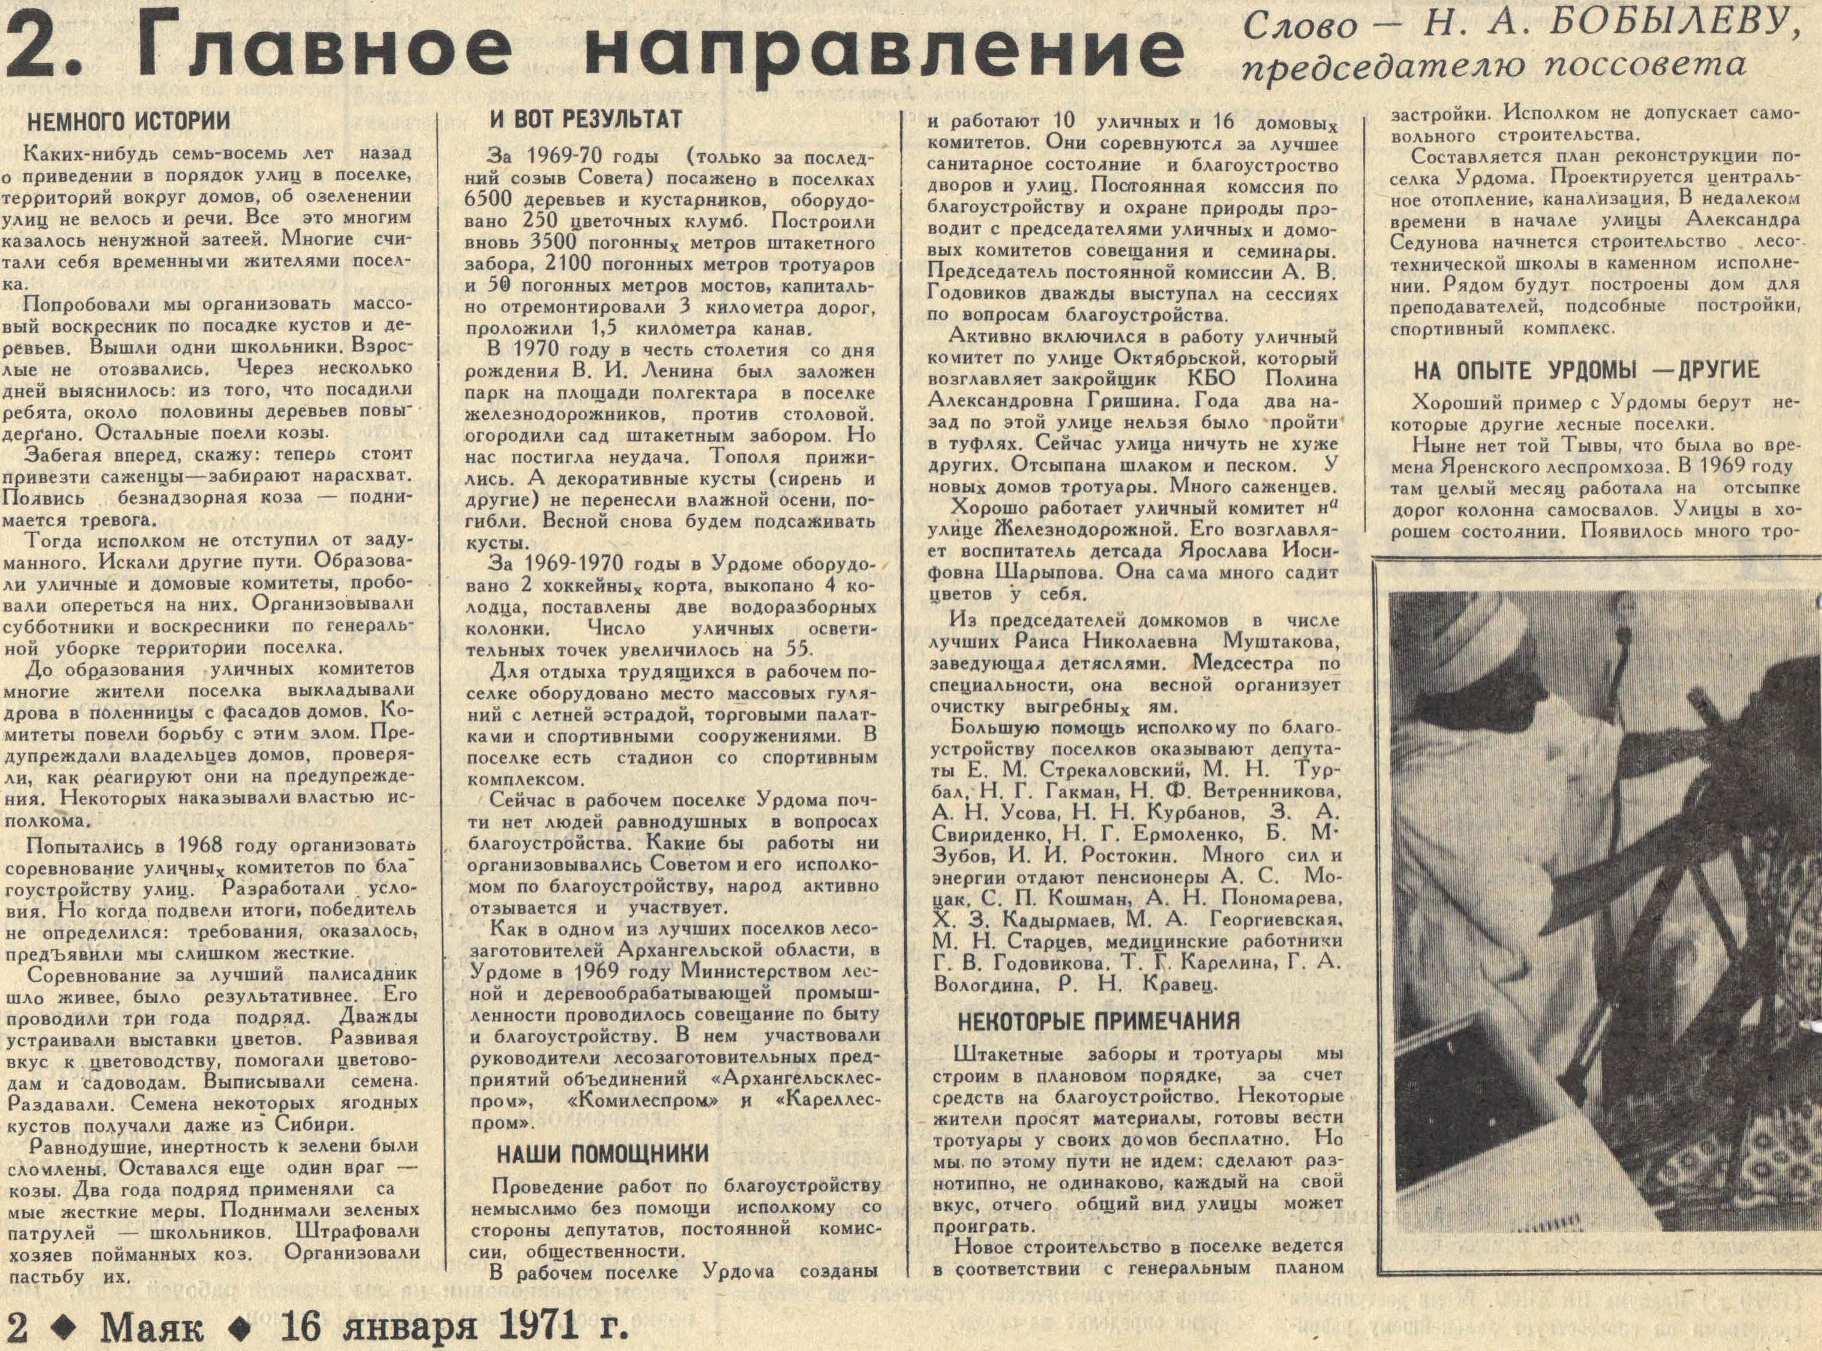 Маяк 16.01.1971 Урдомский поссовет. Почетная грамота (4)